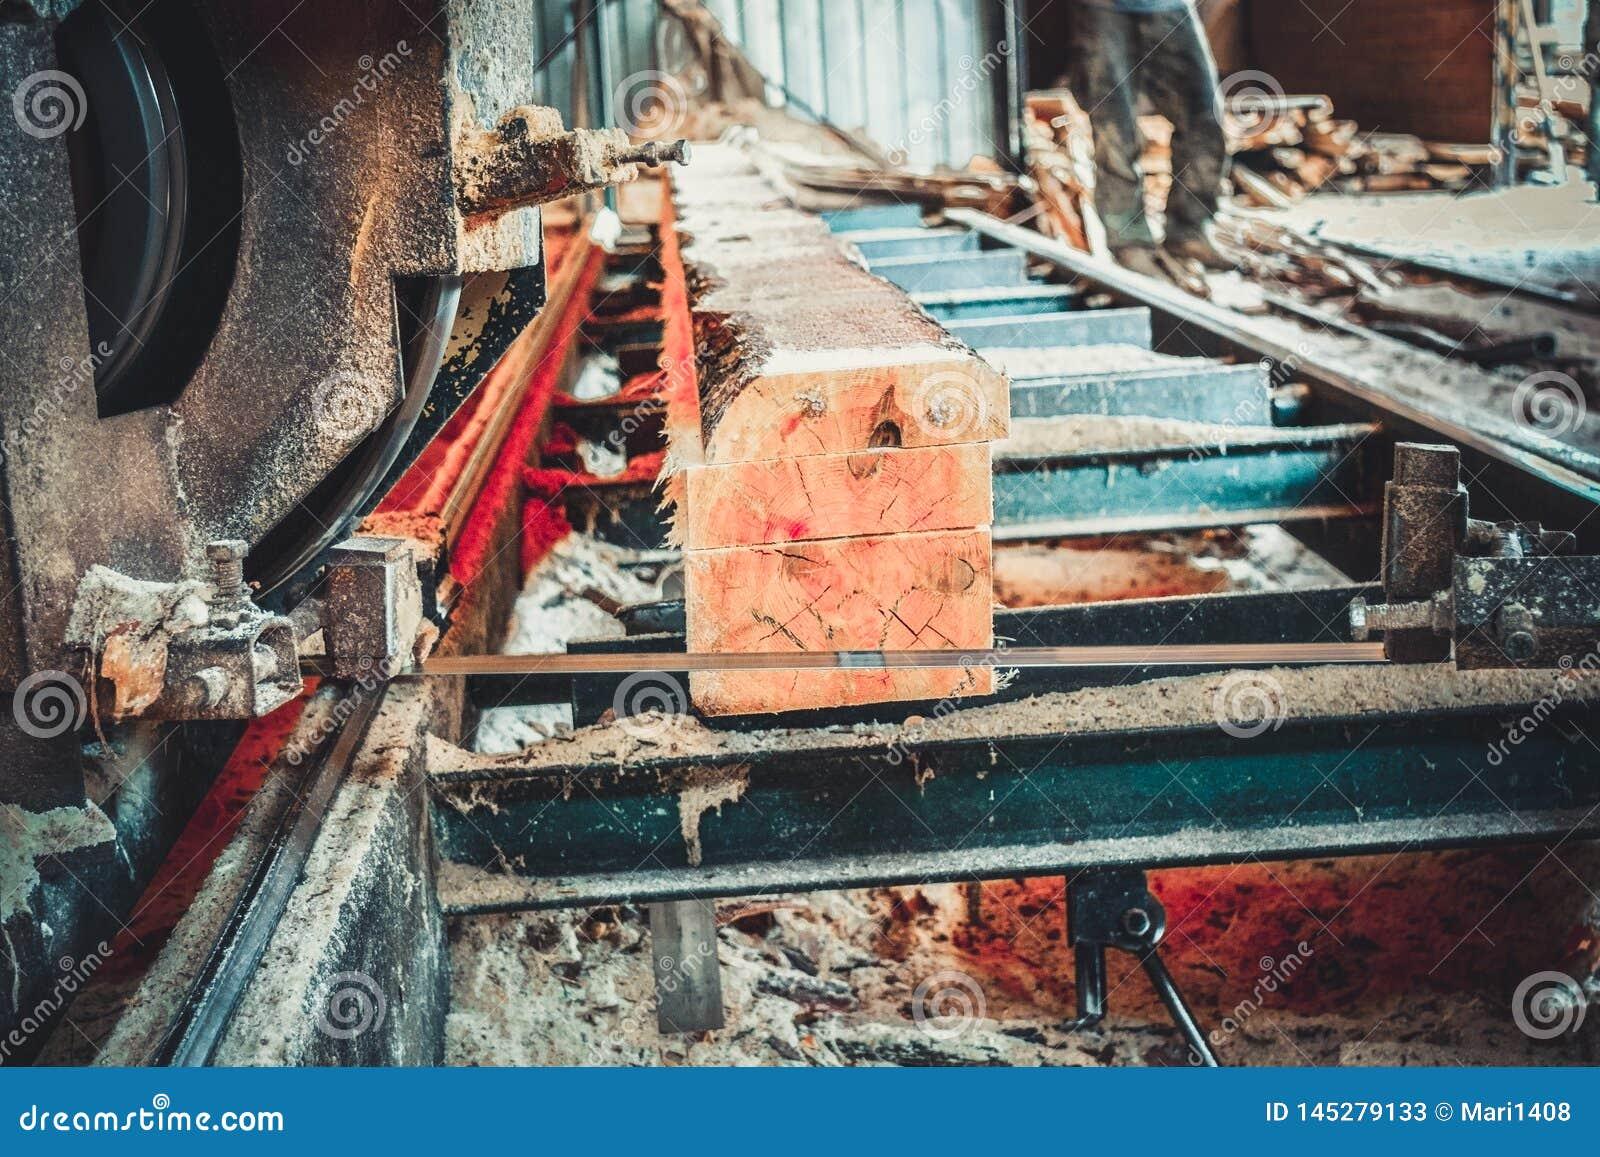 锯木厂 加工的过程注册锯木厂机器锯树干